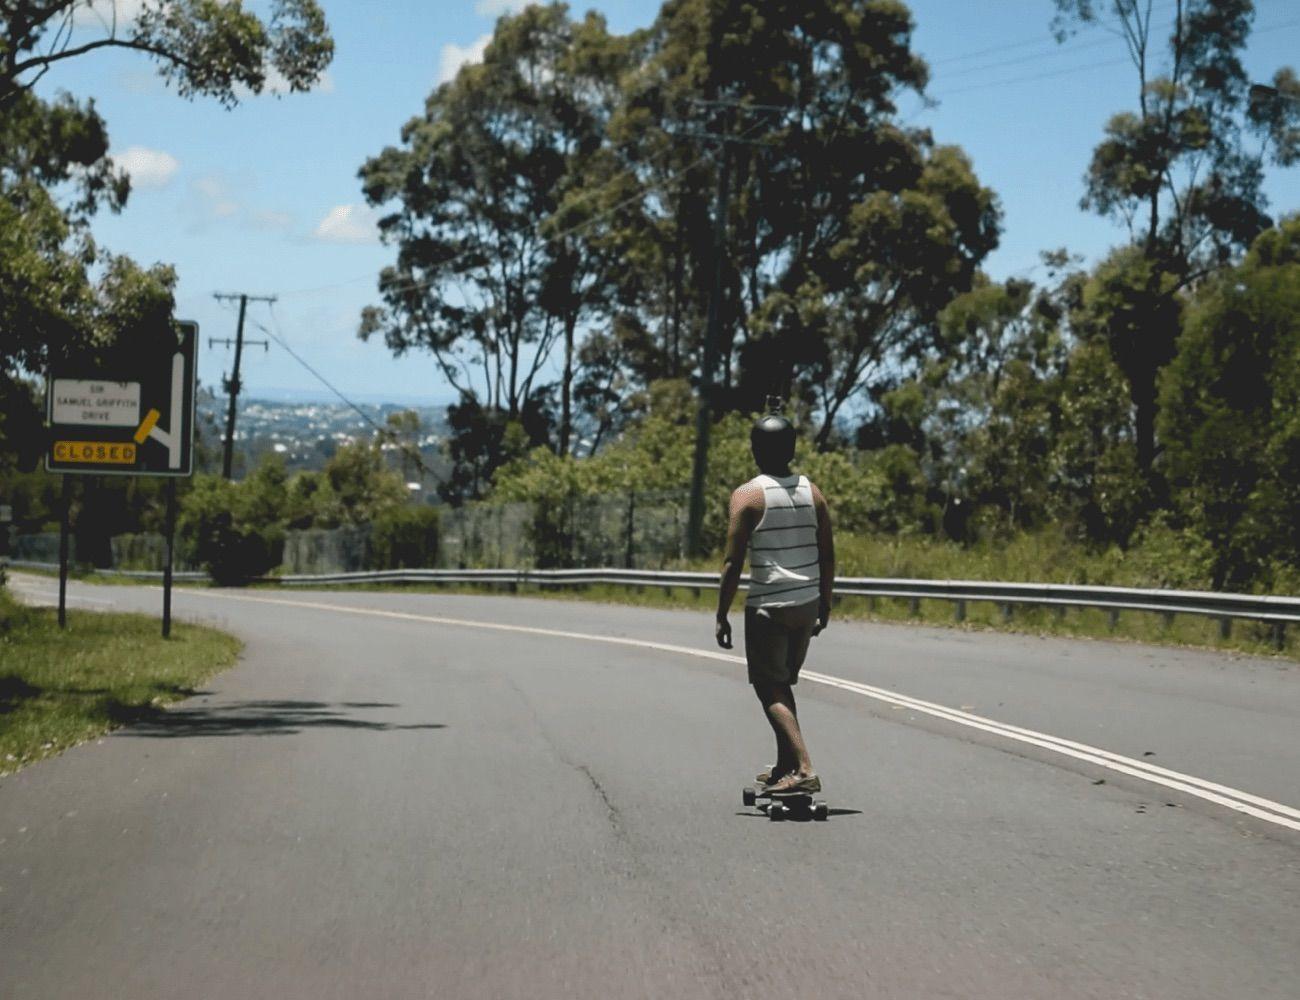 ivoryboards affordable electric skateboards gadget flow. Black Bedroom Furniture Sets. Home Design Ideas